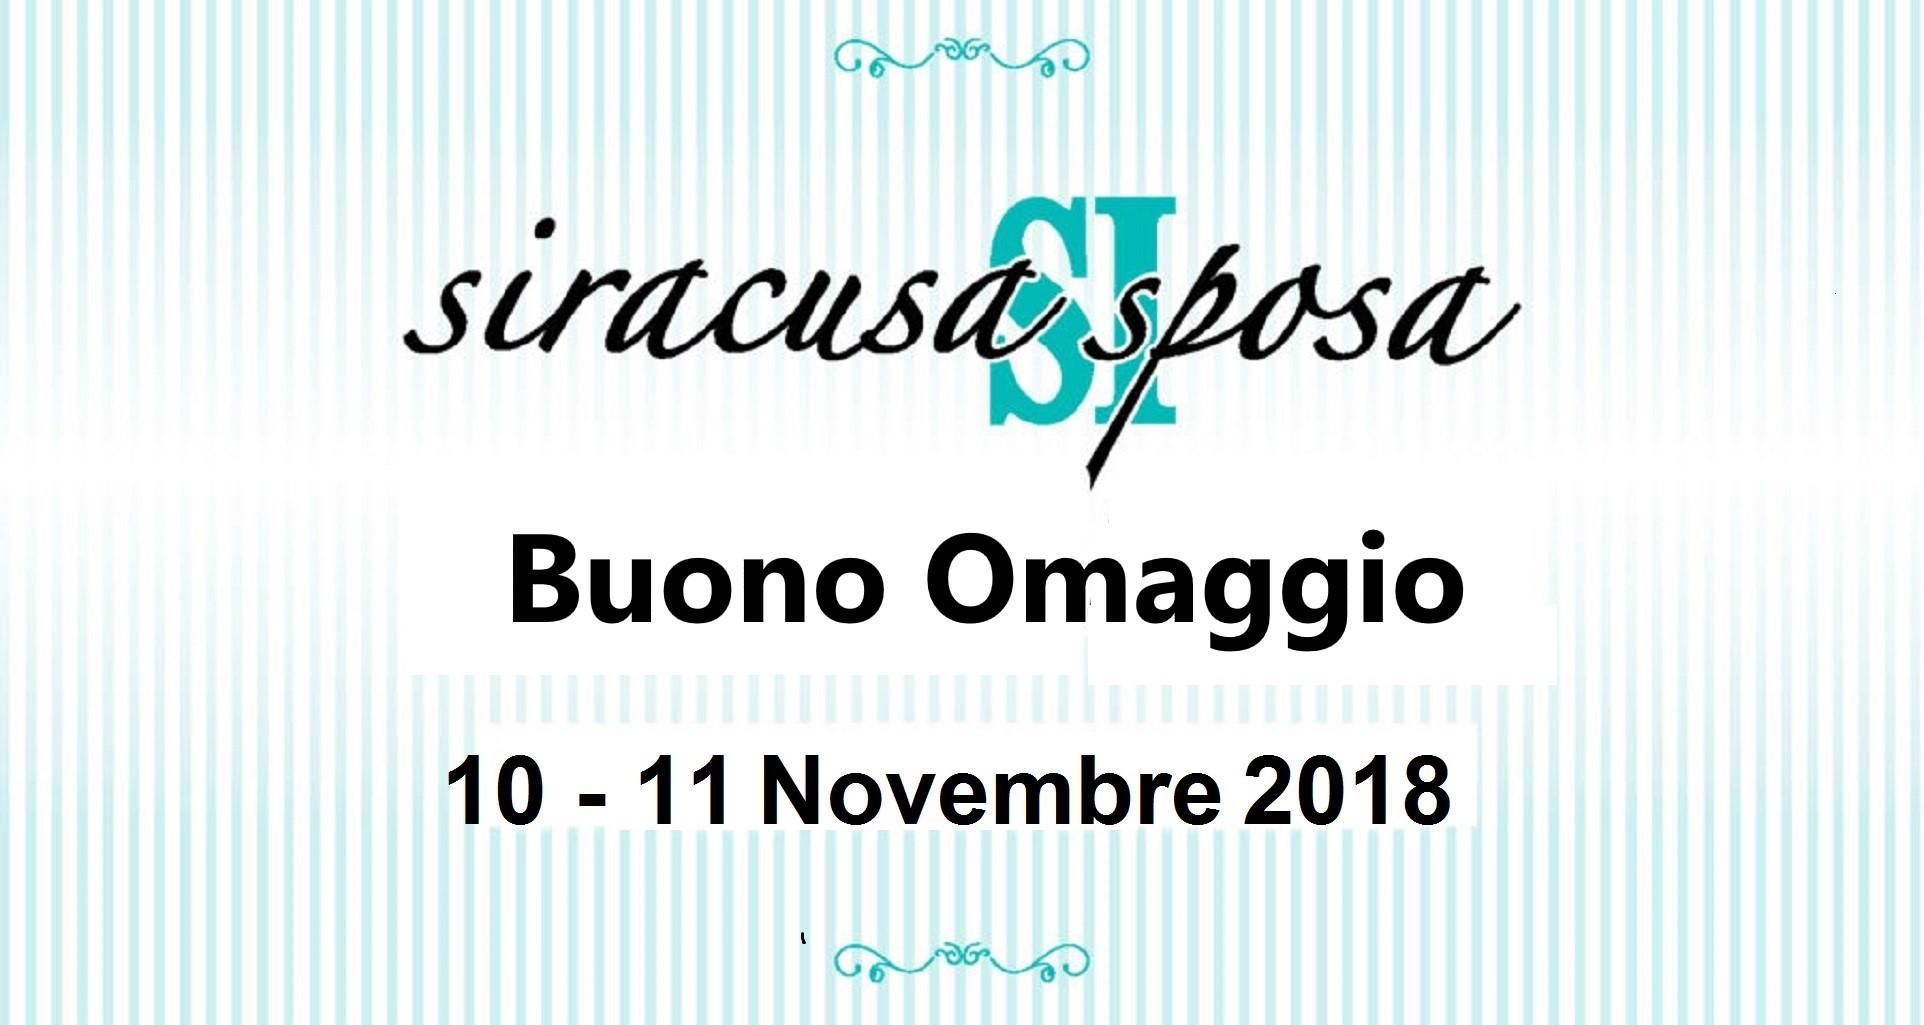 invitoOmaggio_1-1024x546 2018